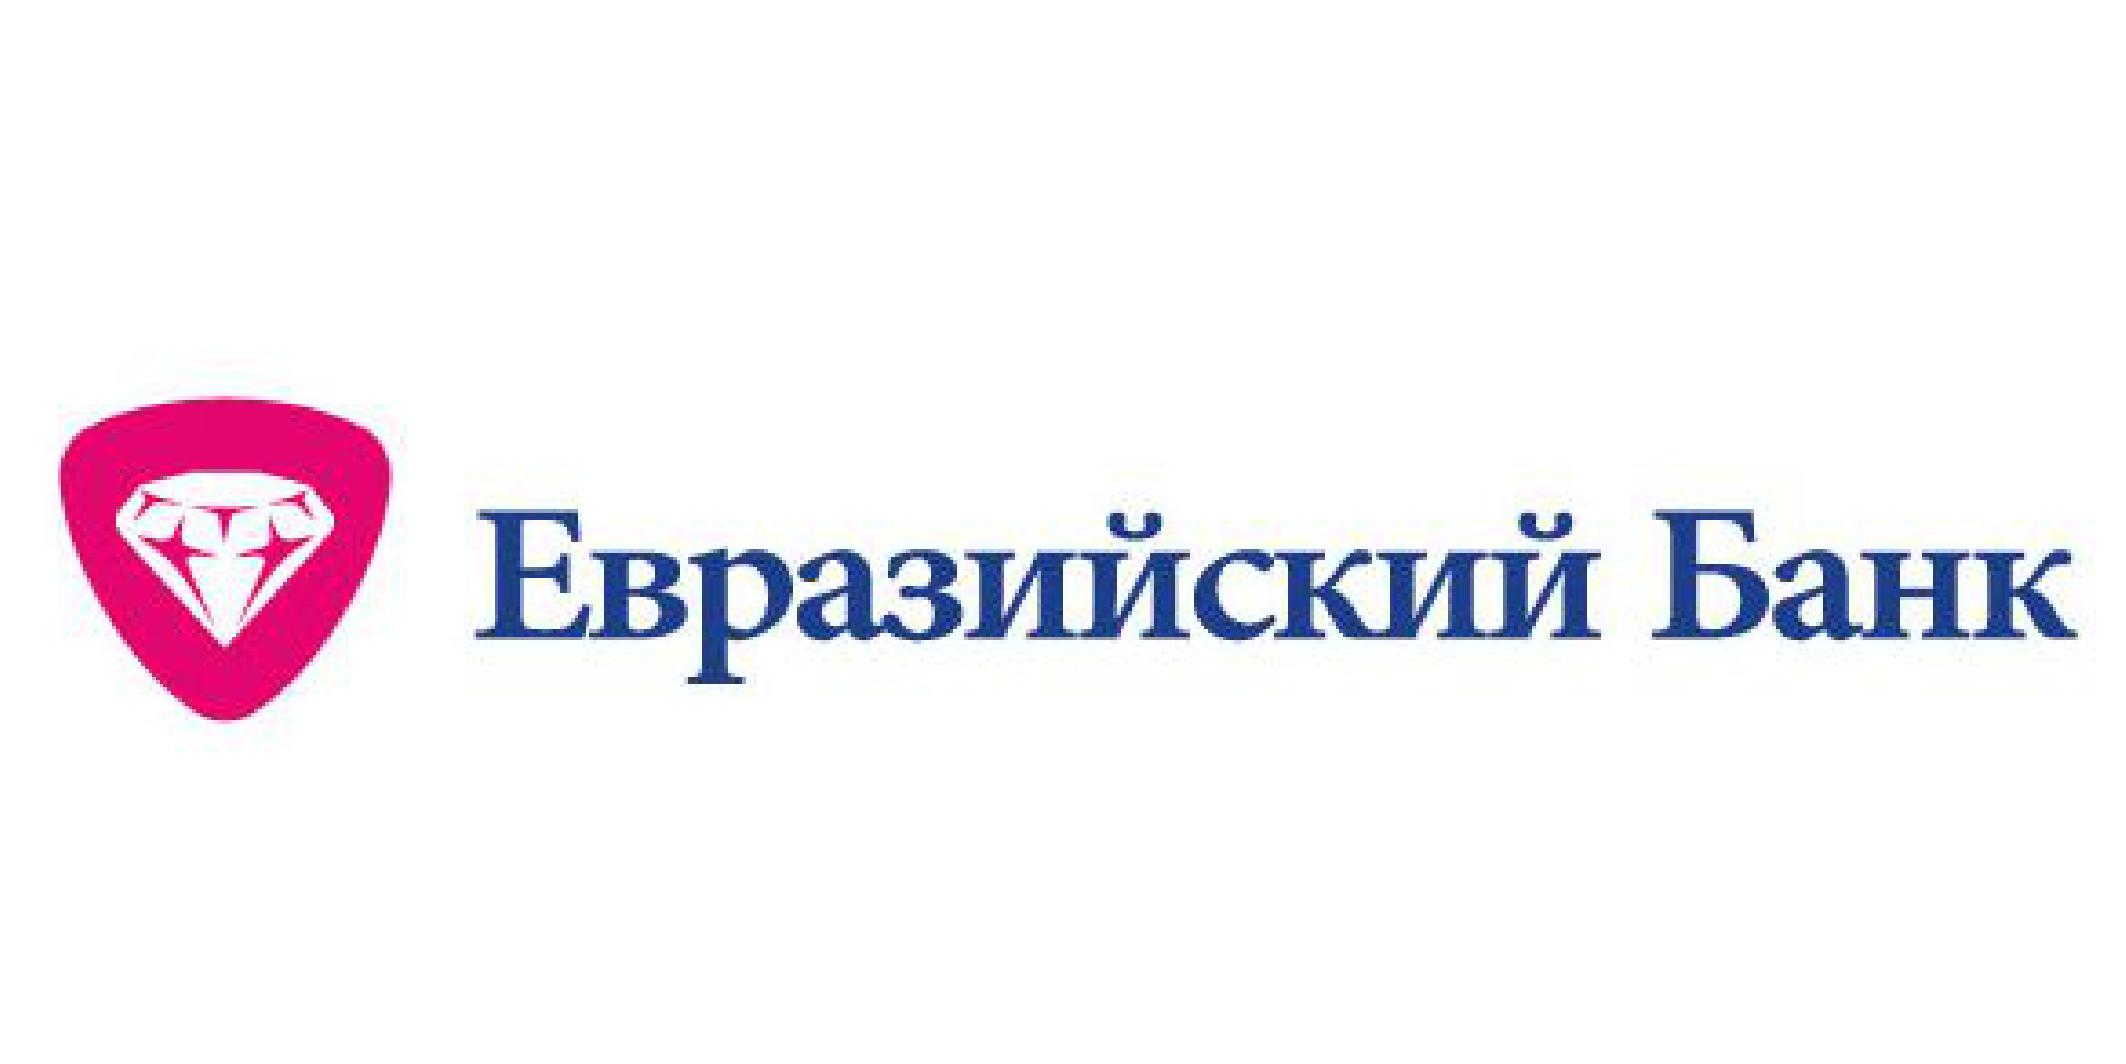 Официальный партнер Евразийский банк